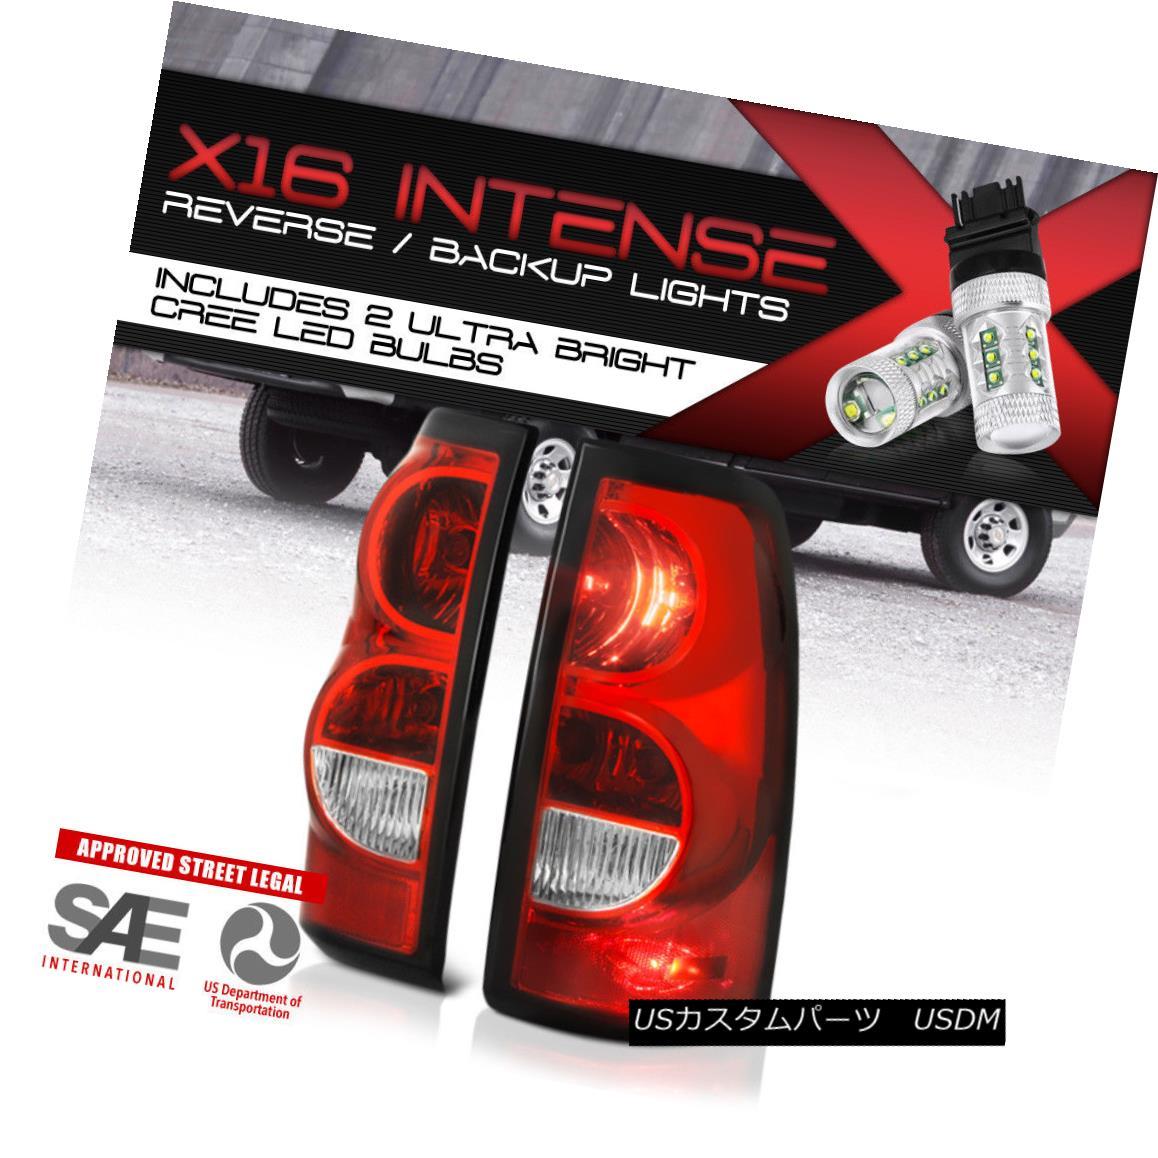 テールライト !High-Power CREE LED Reverse! 03-07 Silverado 1500 2500 3500 Red Tail Lamps L+R ハイパワークリーLEDリバース! 03-07 Silverado 1500 2500 3500レッドテールランプL + R